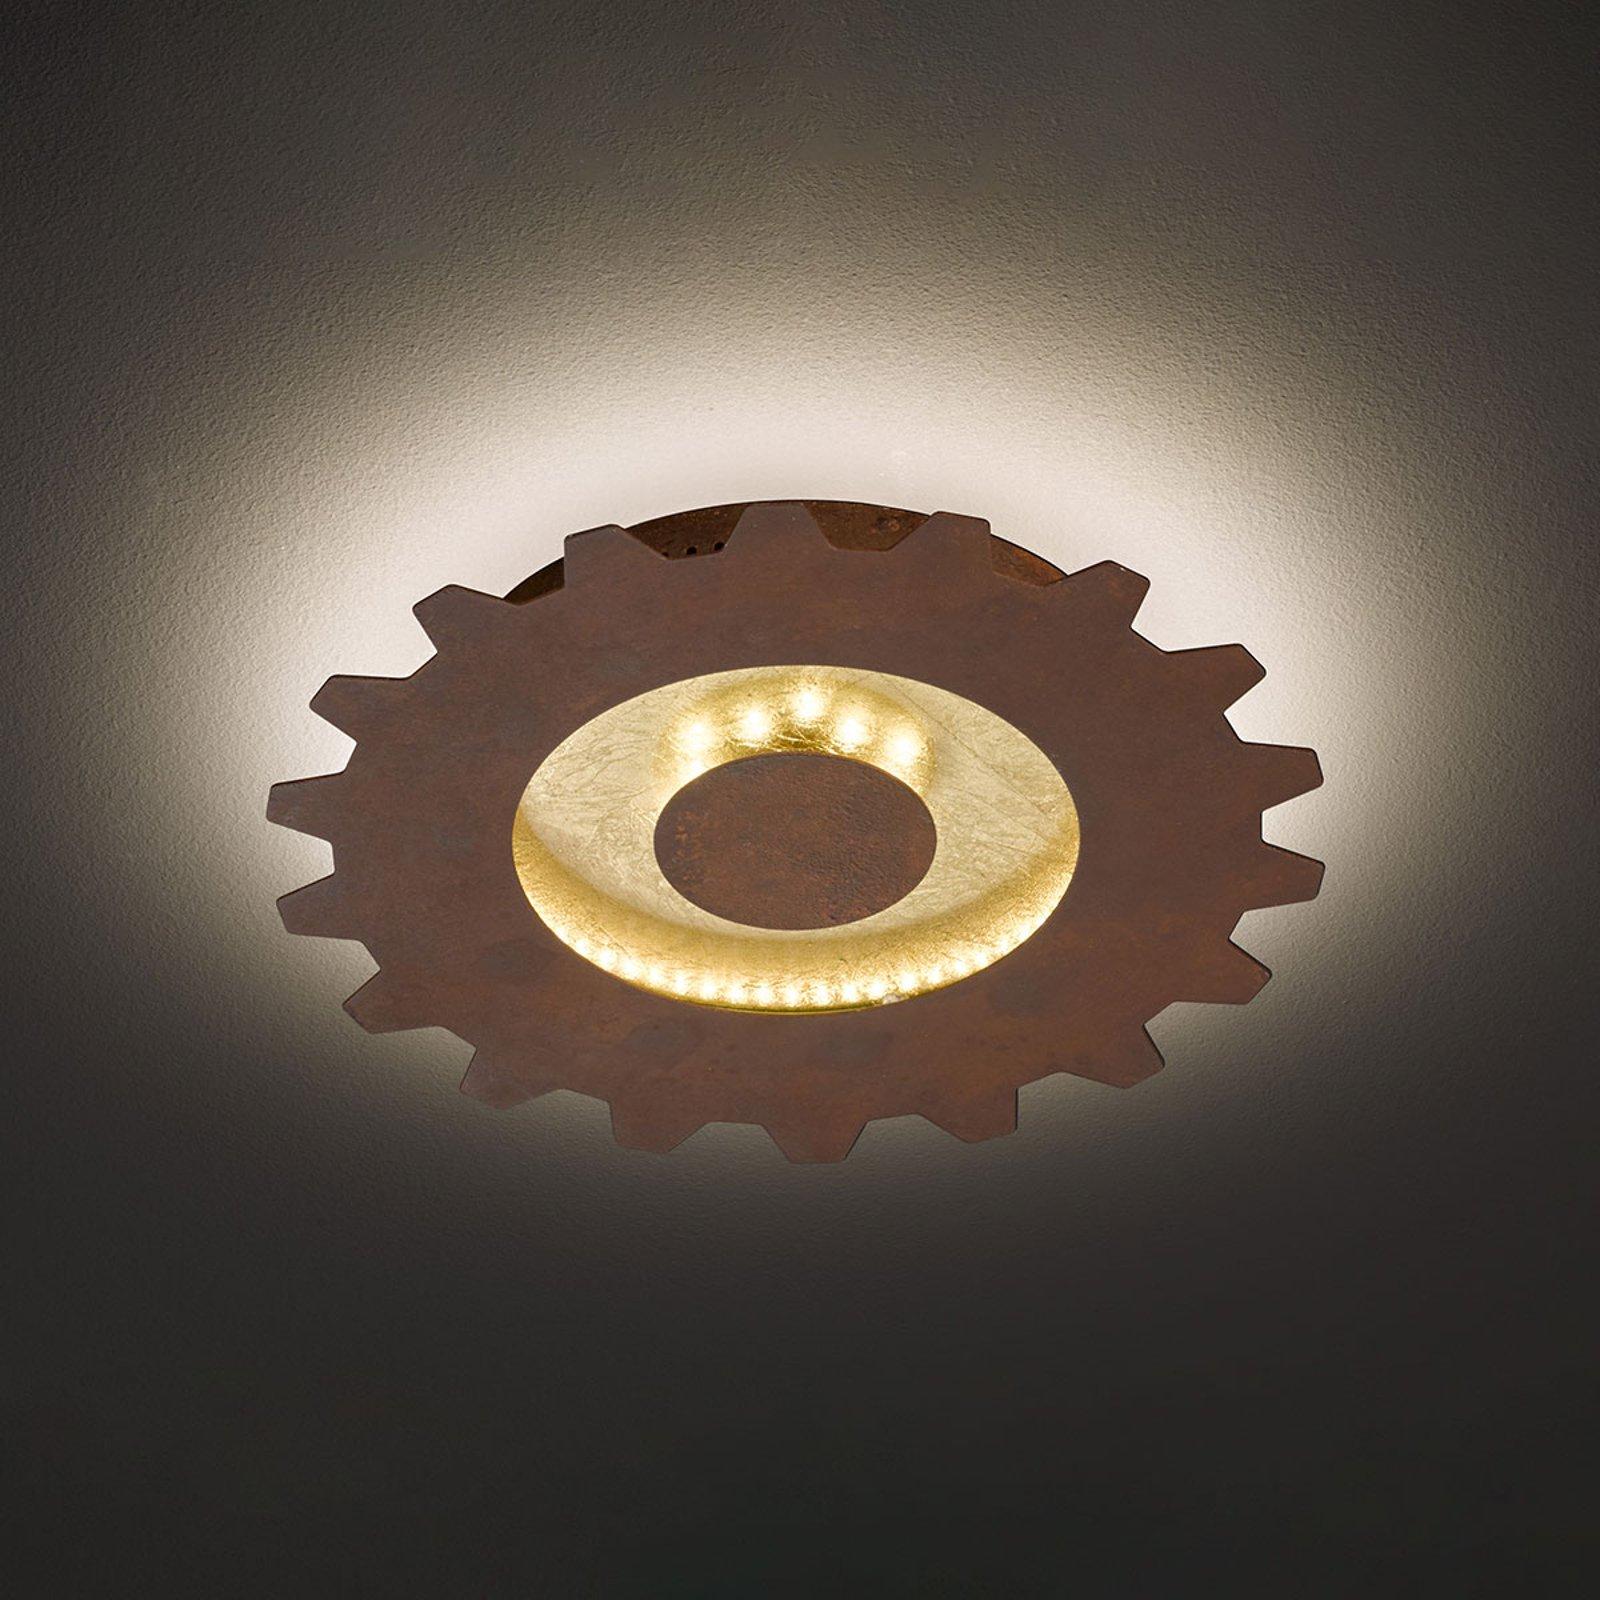 LED-taklampe Leif i tannhjulstil, Ø 30 cm